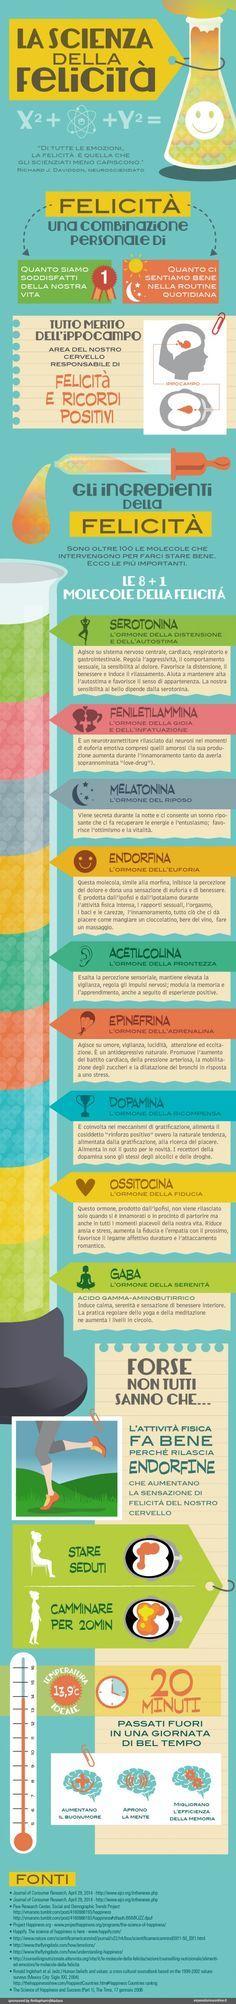 La scienza della felicità - Infografica di Esseredonnaonline